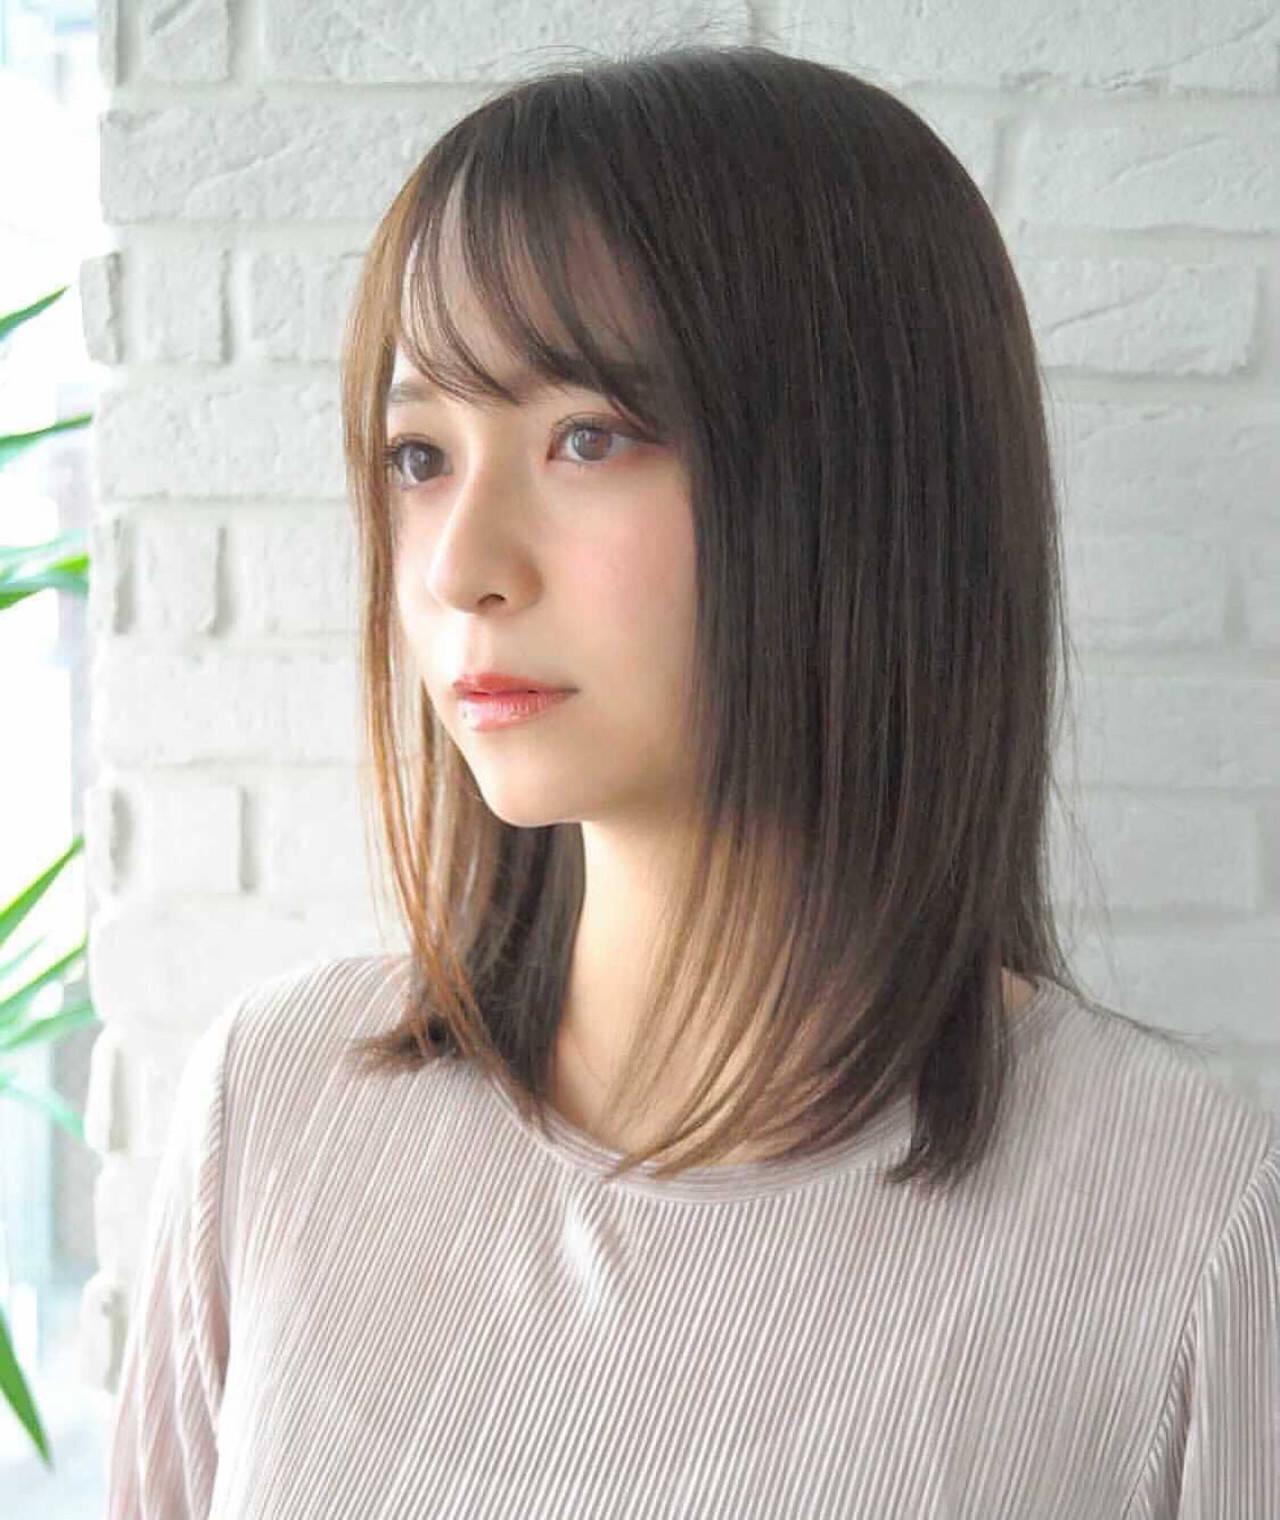 大人かわいい ミディアム 髪質改善 ストレートヘアスタイルや髪型の写真・画像